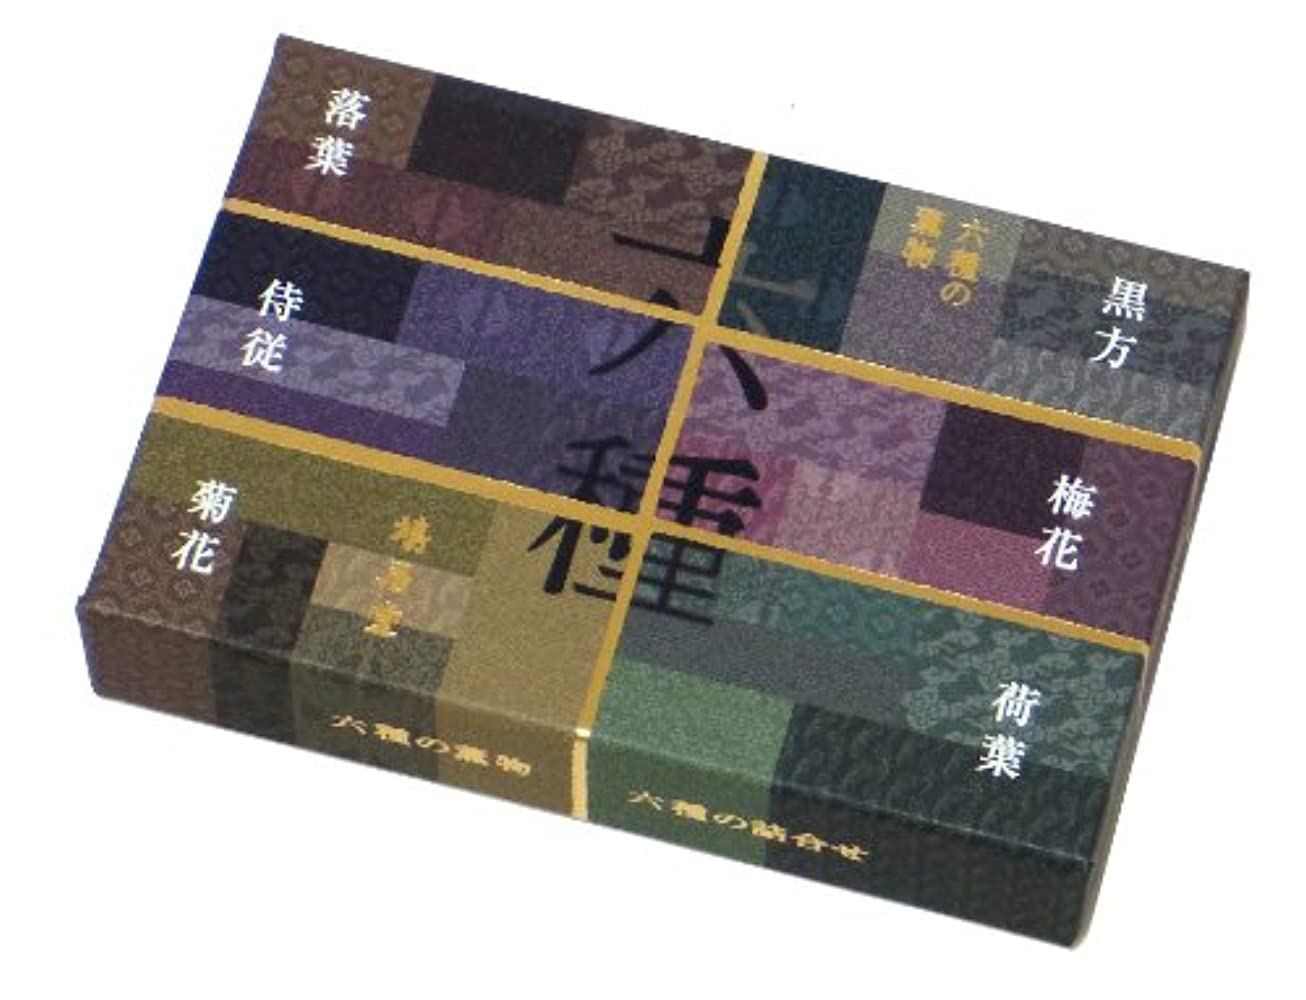 発音する鷲邪悪な鳩居堂のお香 六種の薫物6種セット 6種類各5本入 6cm 香立入